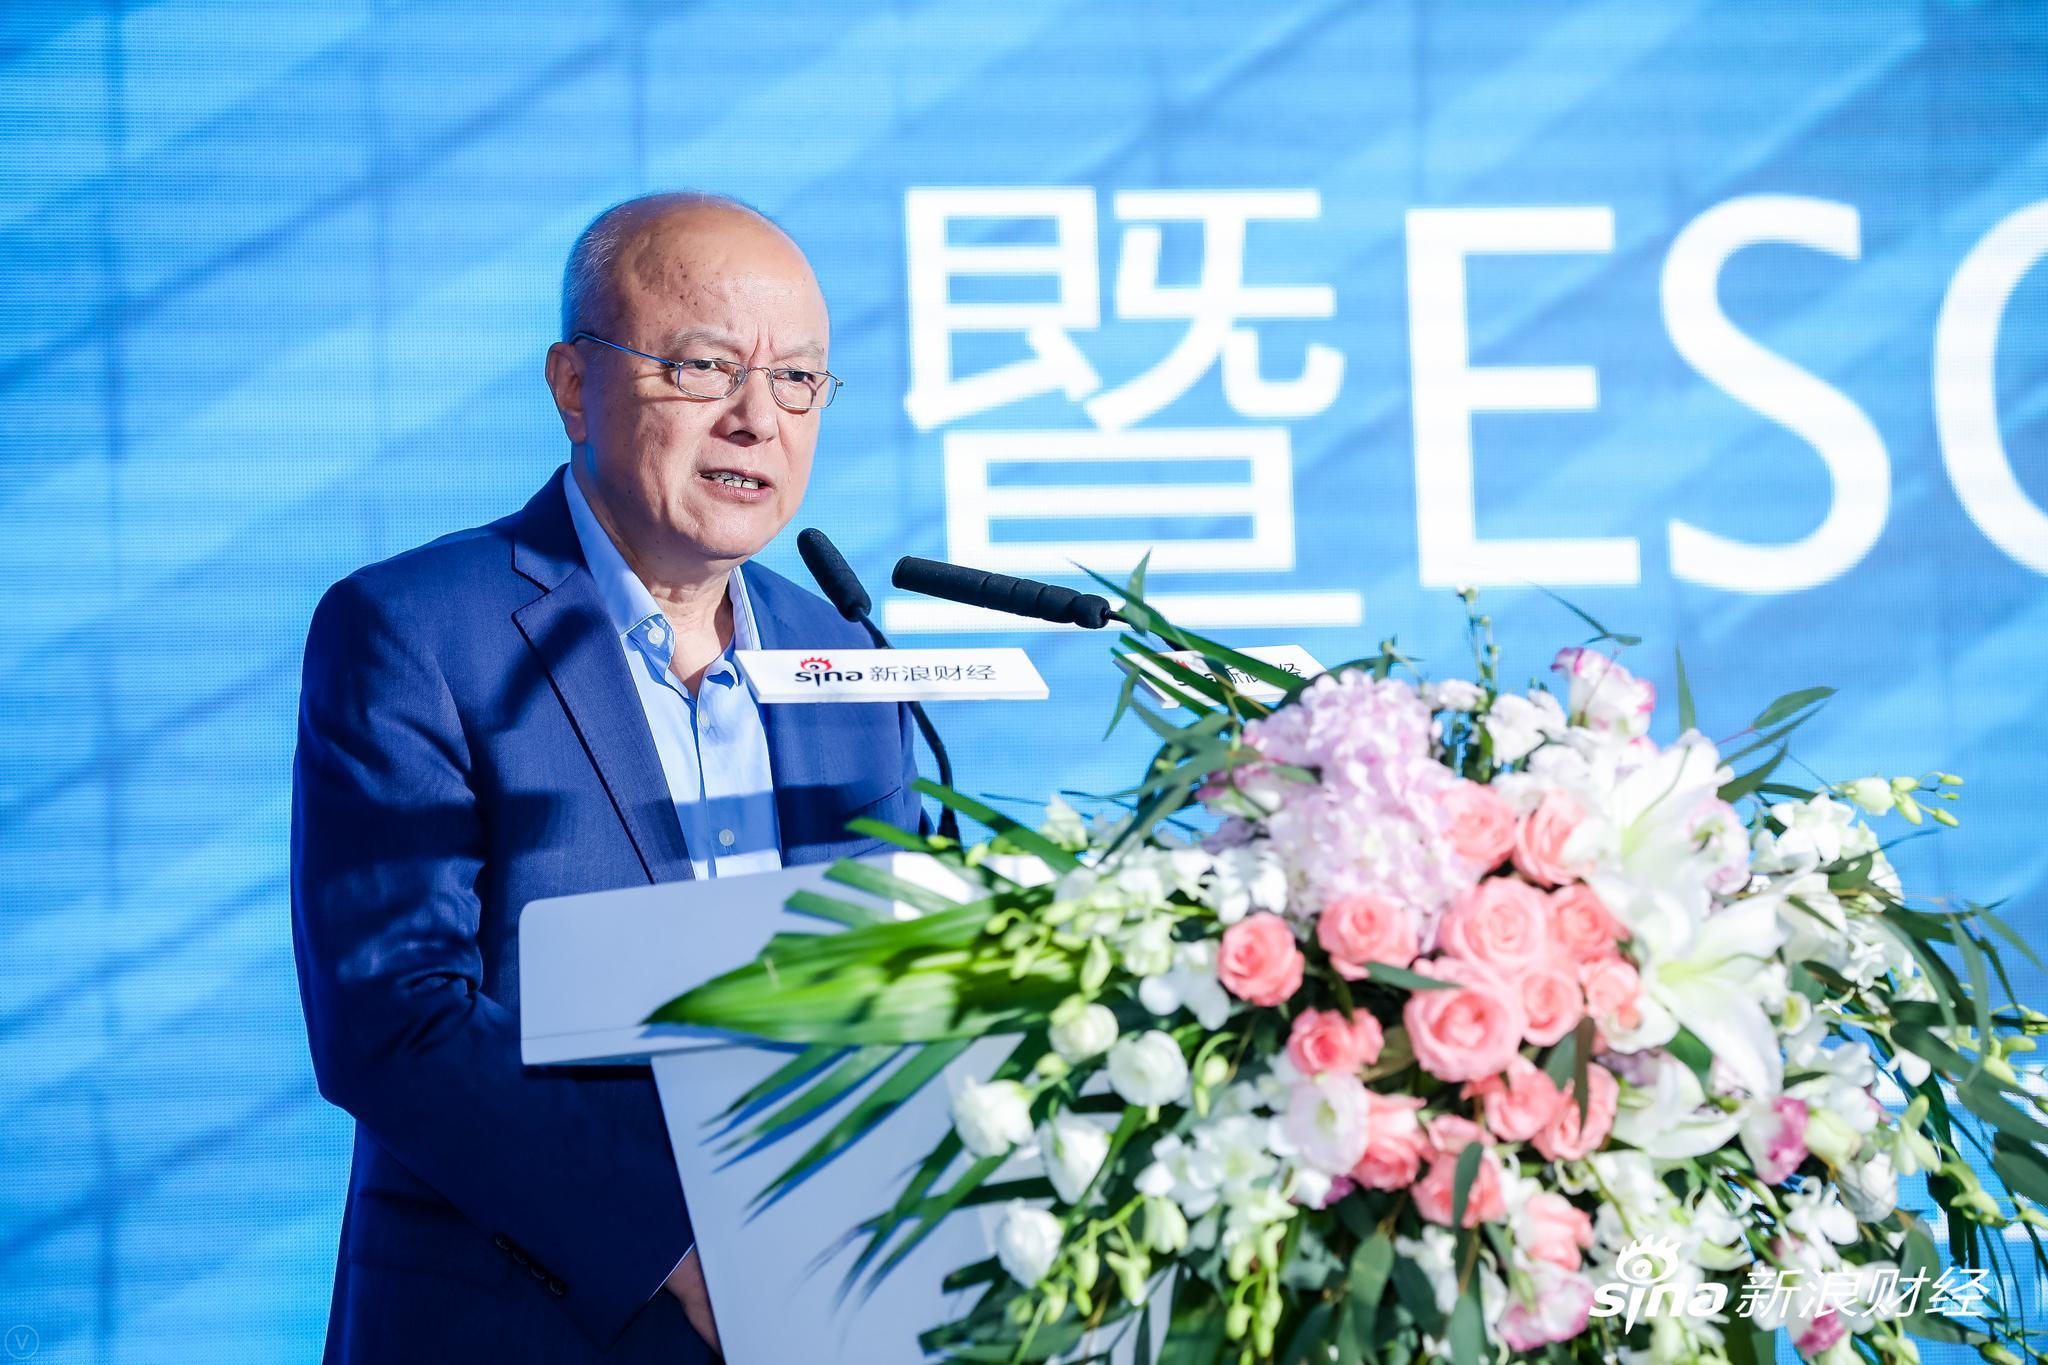 中国发展研究基金会副理事长、中国发展高层论坛(CDF)秘书长卢迈发表致辞。(?#35745;?#26469;源:新浪财经)